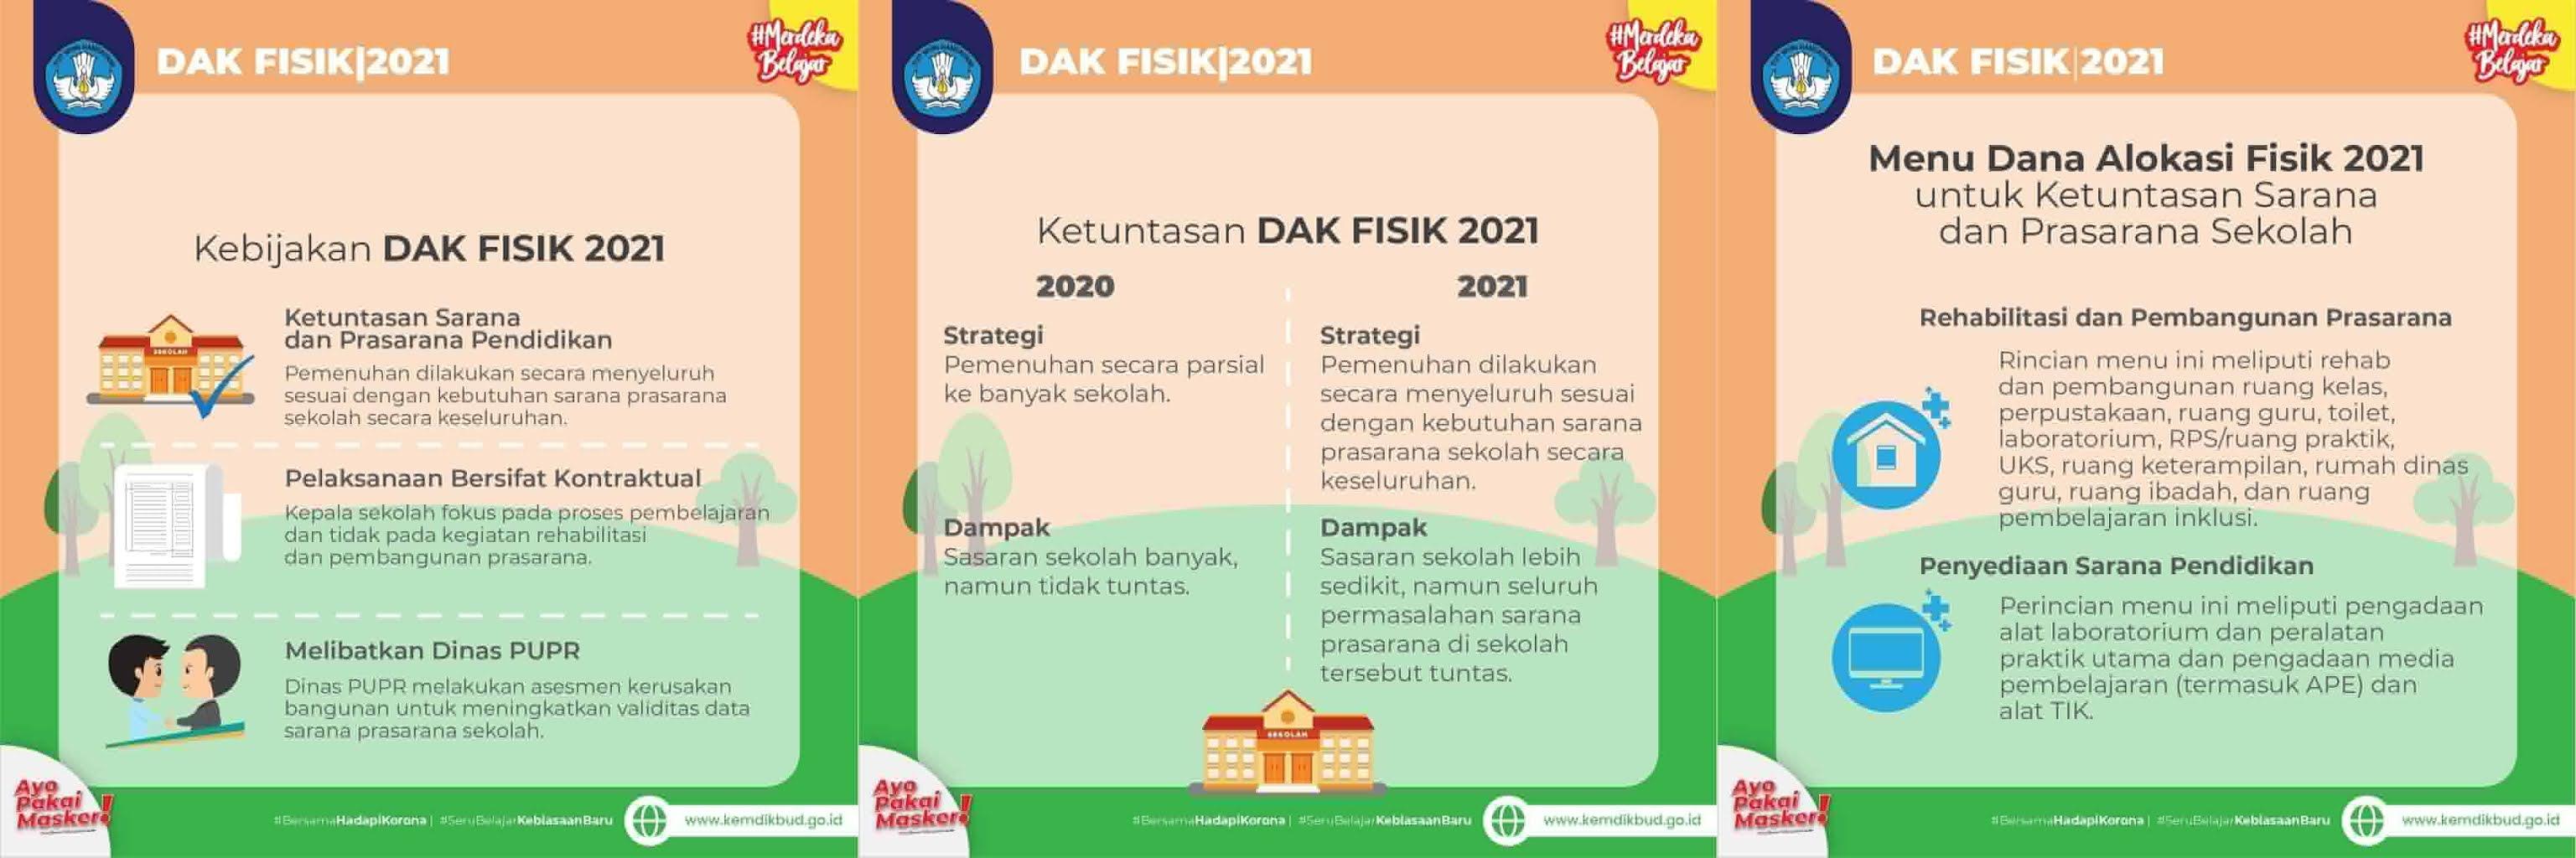 DAK-Fisik-Tahun-2021